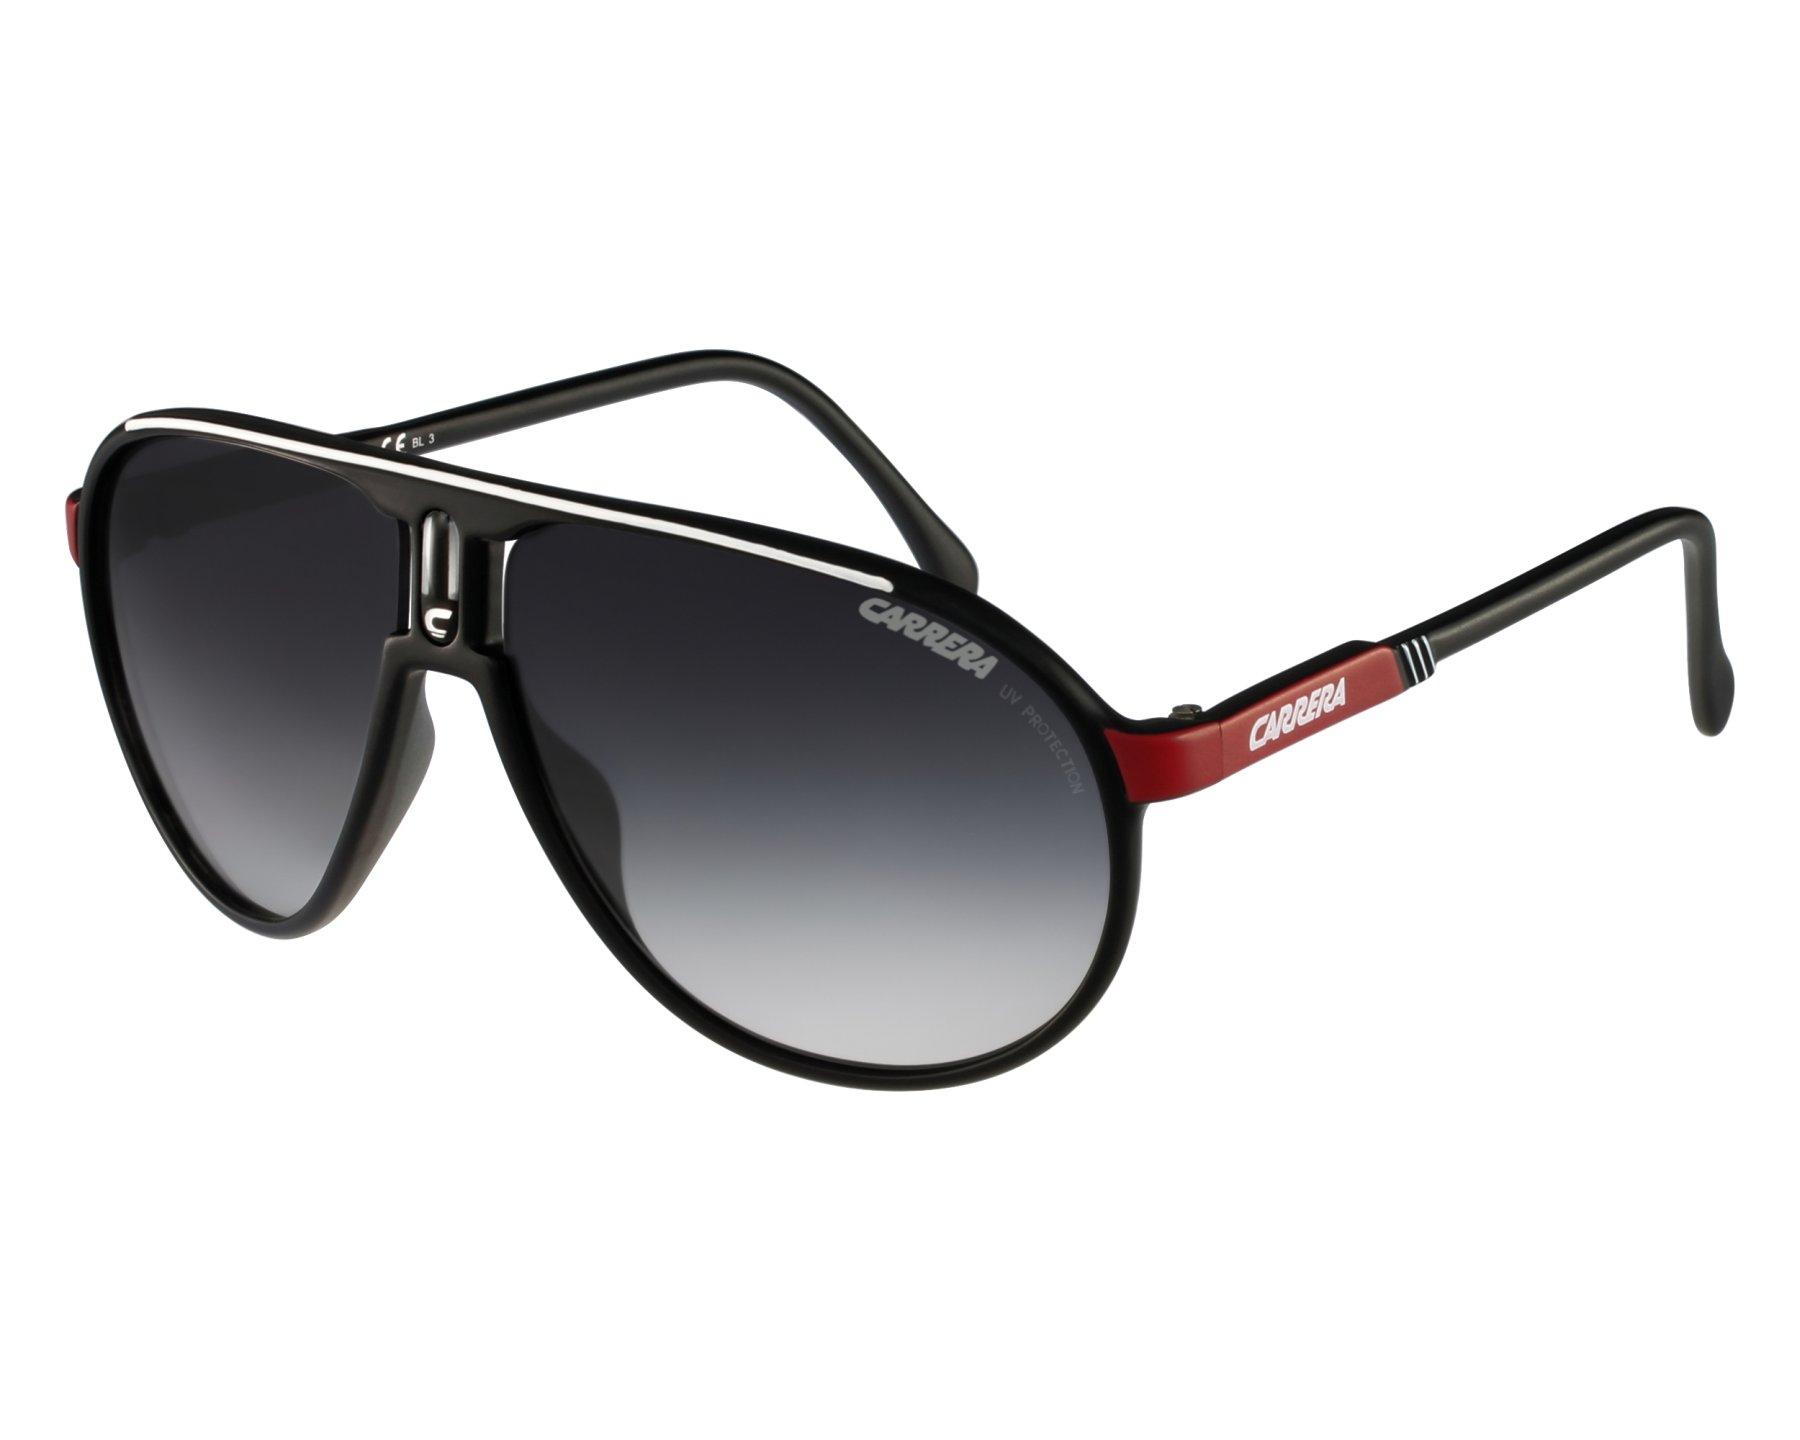 350985bff1075 Lunettes de soleil Carrera Champion-G WSG 90 - Noir Rouge vue de face